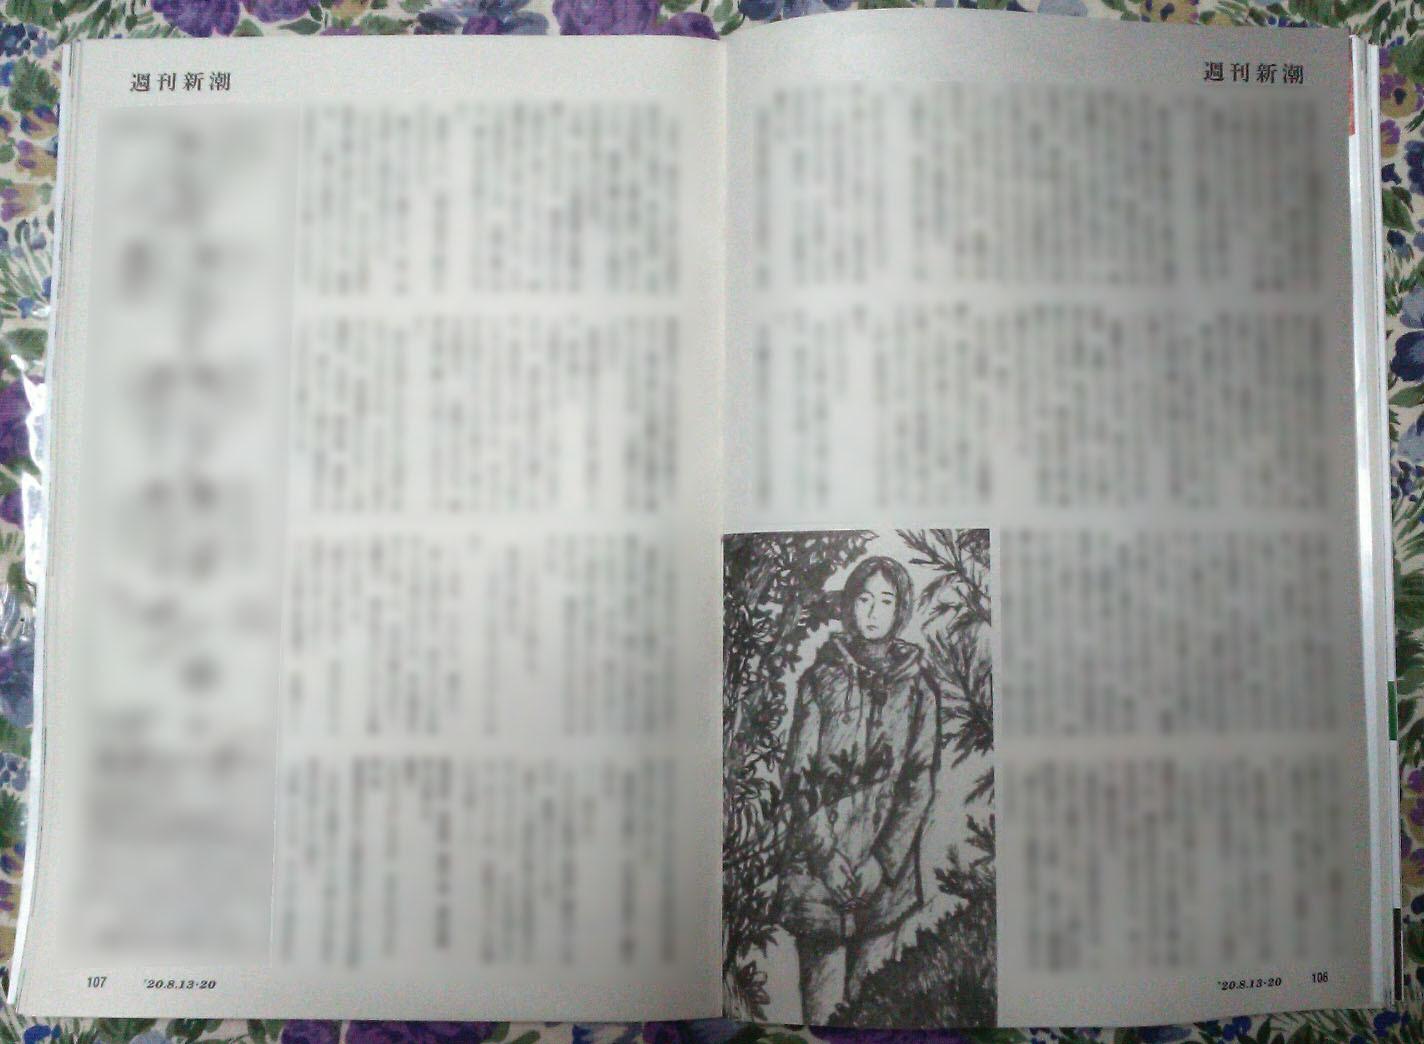 週刊新潮「雷神」挿絵 第31回_b0136144_03335740.jpg